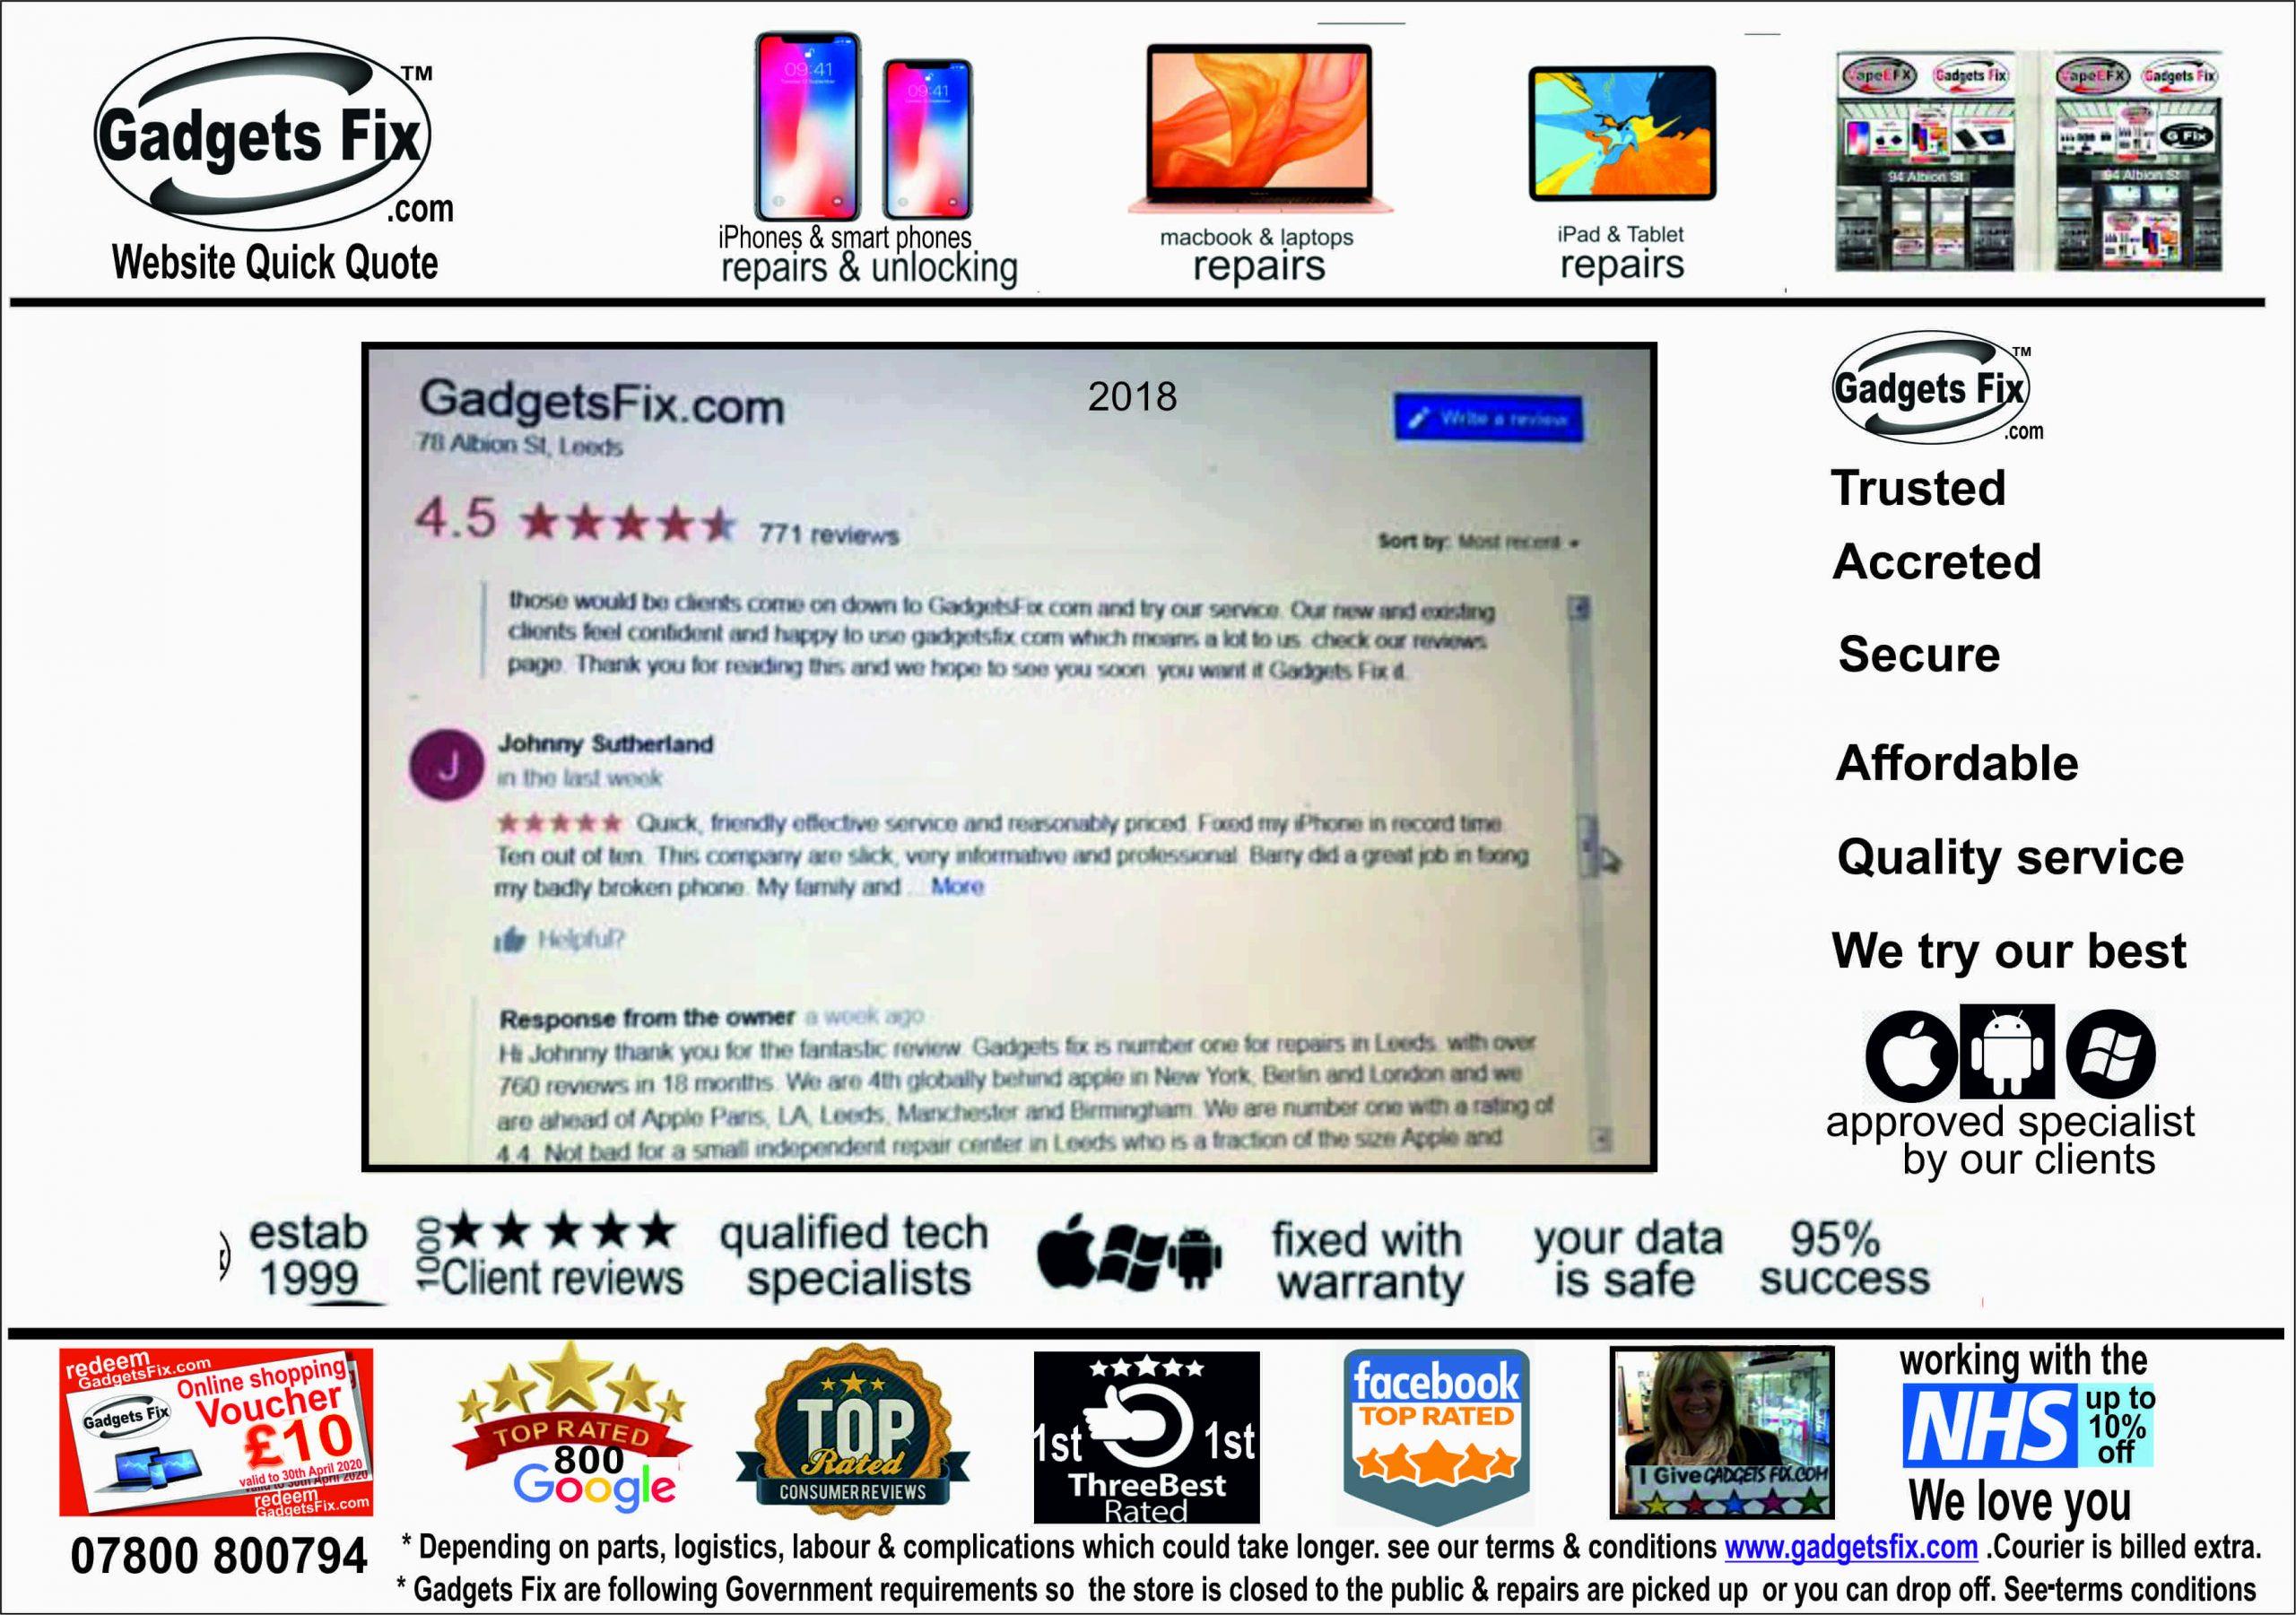 gadgets fix services & client reviews